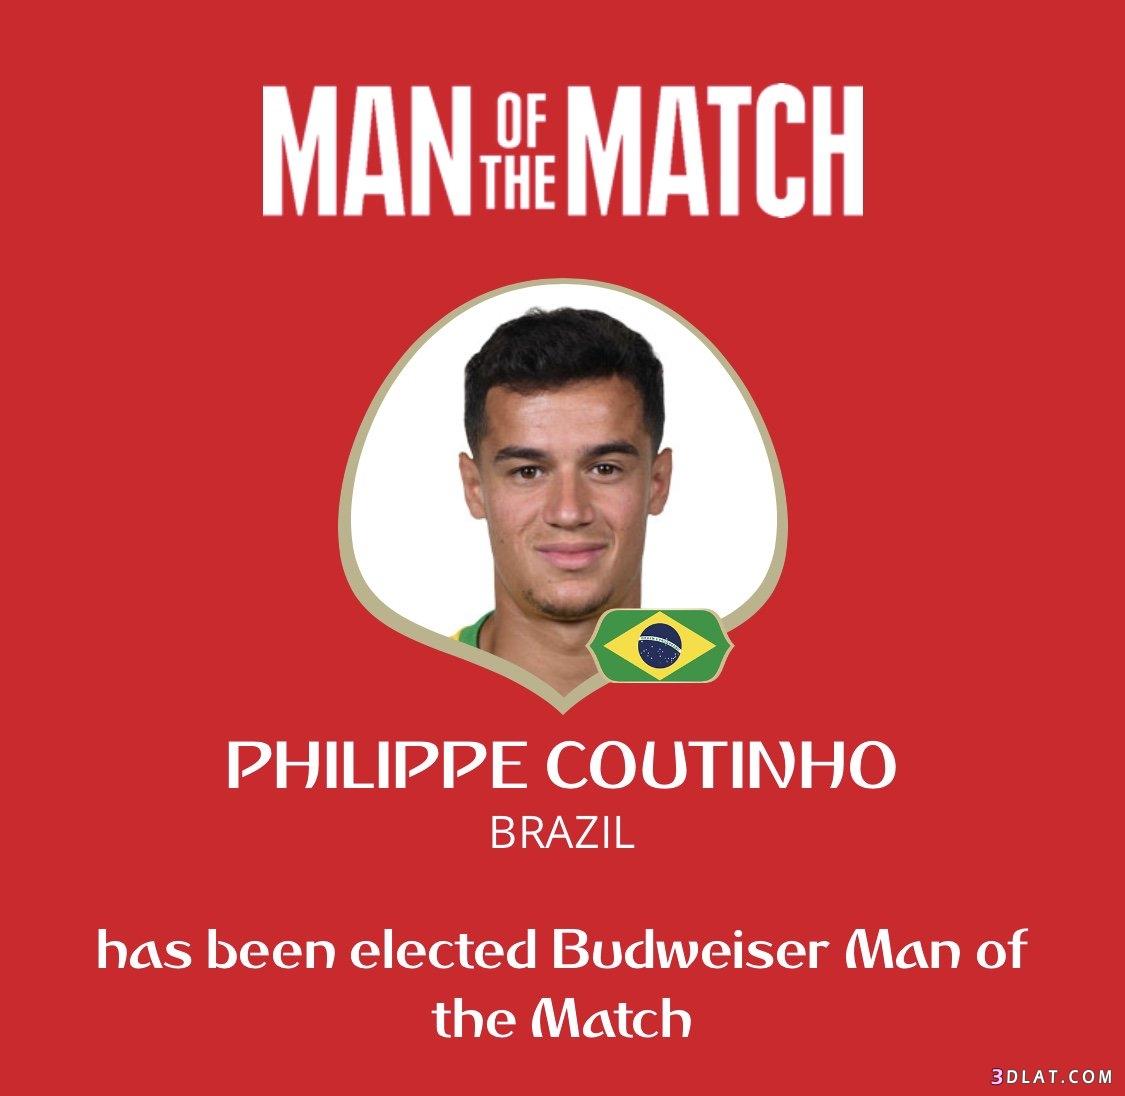 كوتينيو مباراة البرازيل وكوستاريكا 3dlat.com_05_18_7021